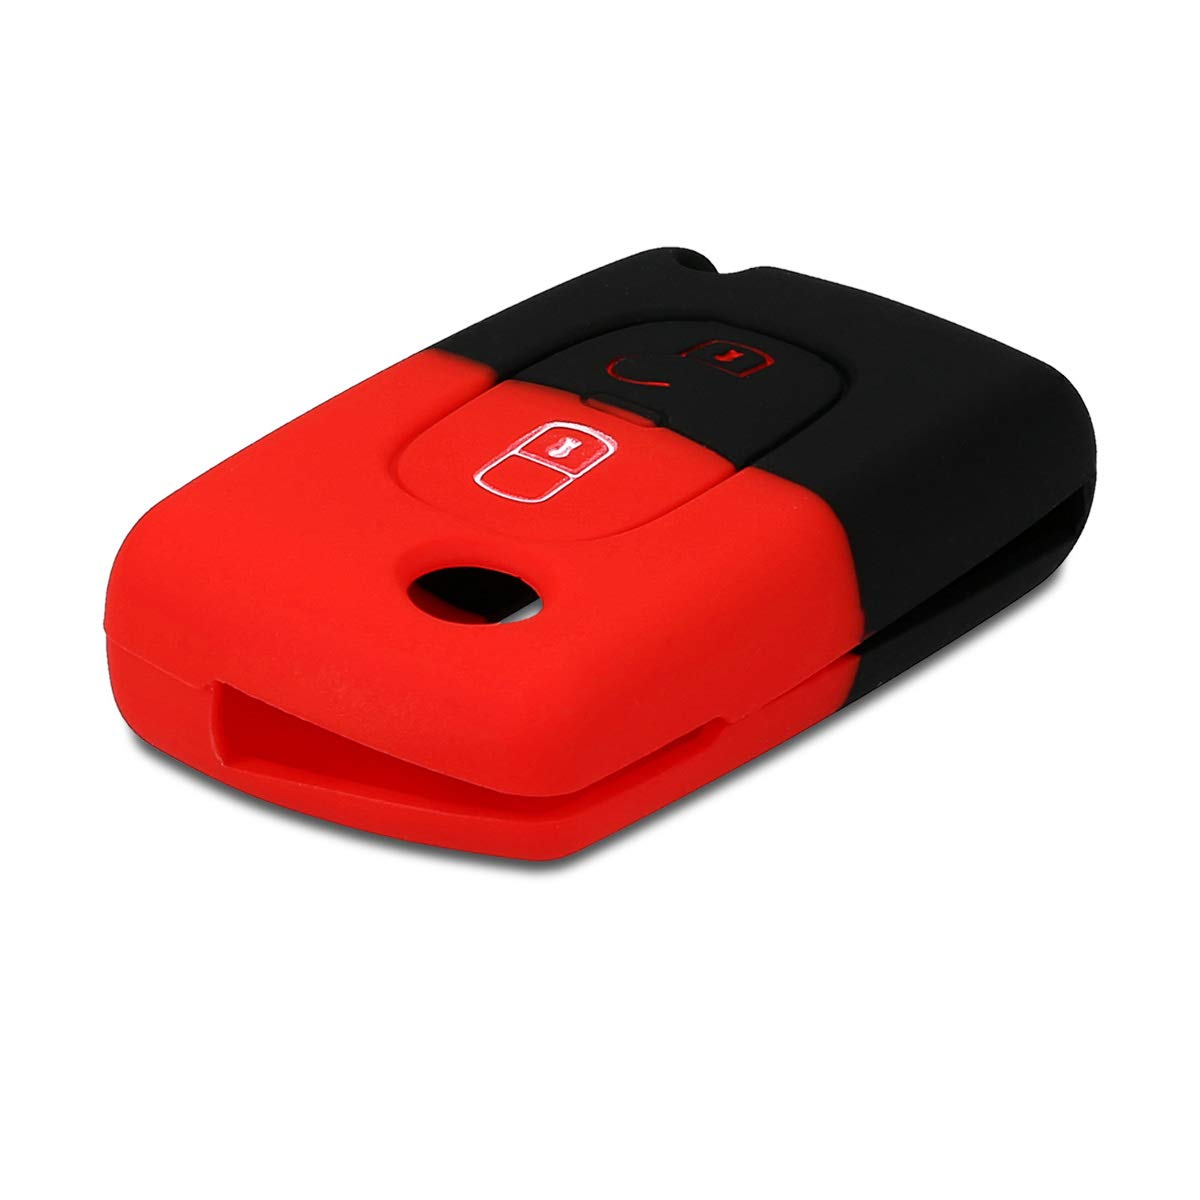 - Case Mando de Auto Suave Rosa Fucsia Silicona de Carcasa Protectora kwmobile Funda de Silicona para Llave Plegable de 2 Botones para Coche Peugeot Citroen